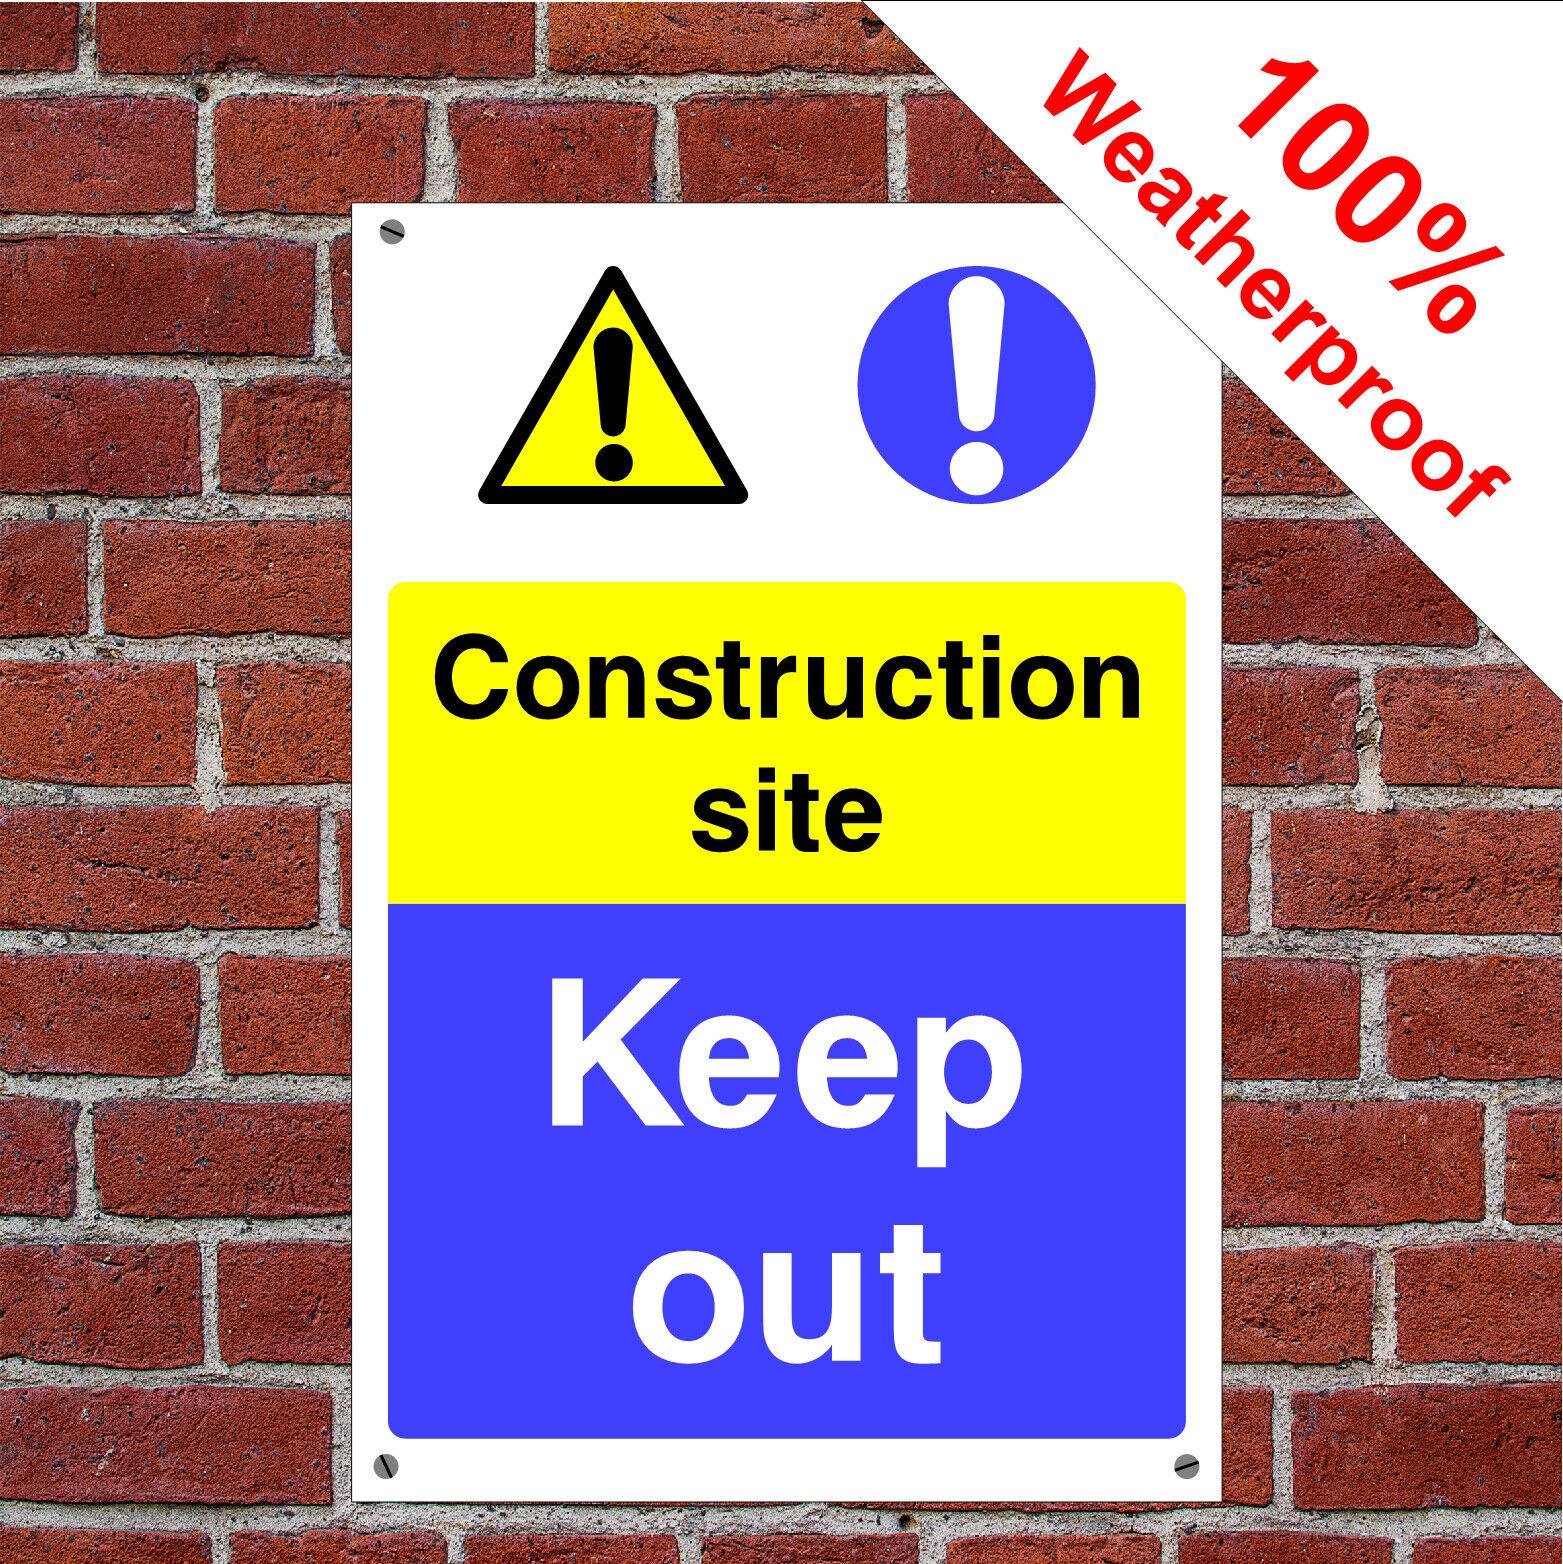 Konstruktion Baustelle Keep Out Gesundheit und Sicherheit Zeichen CONS026 Extrem